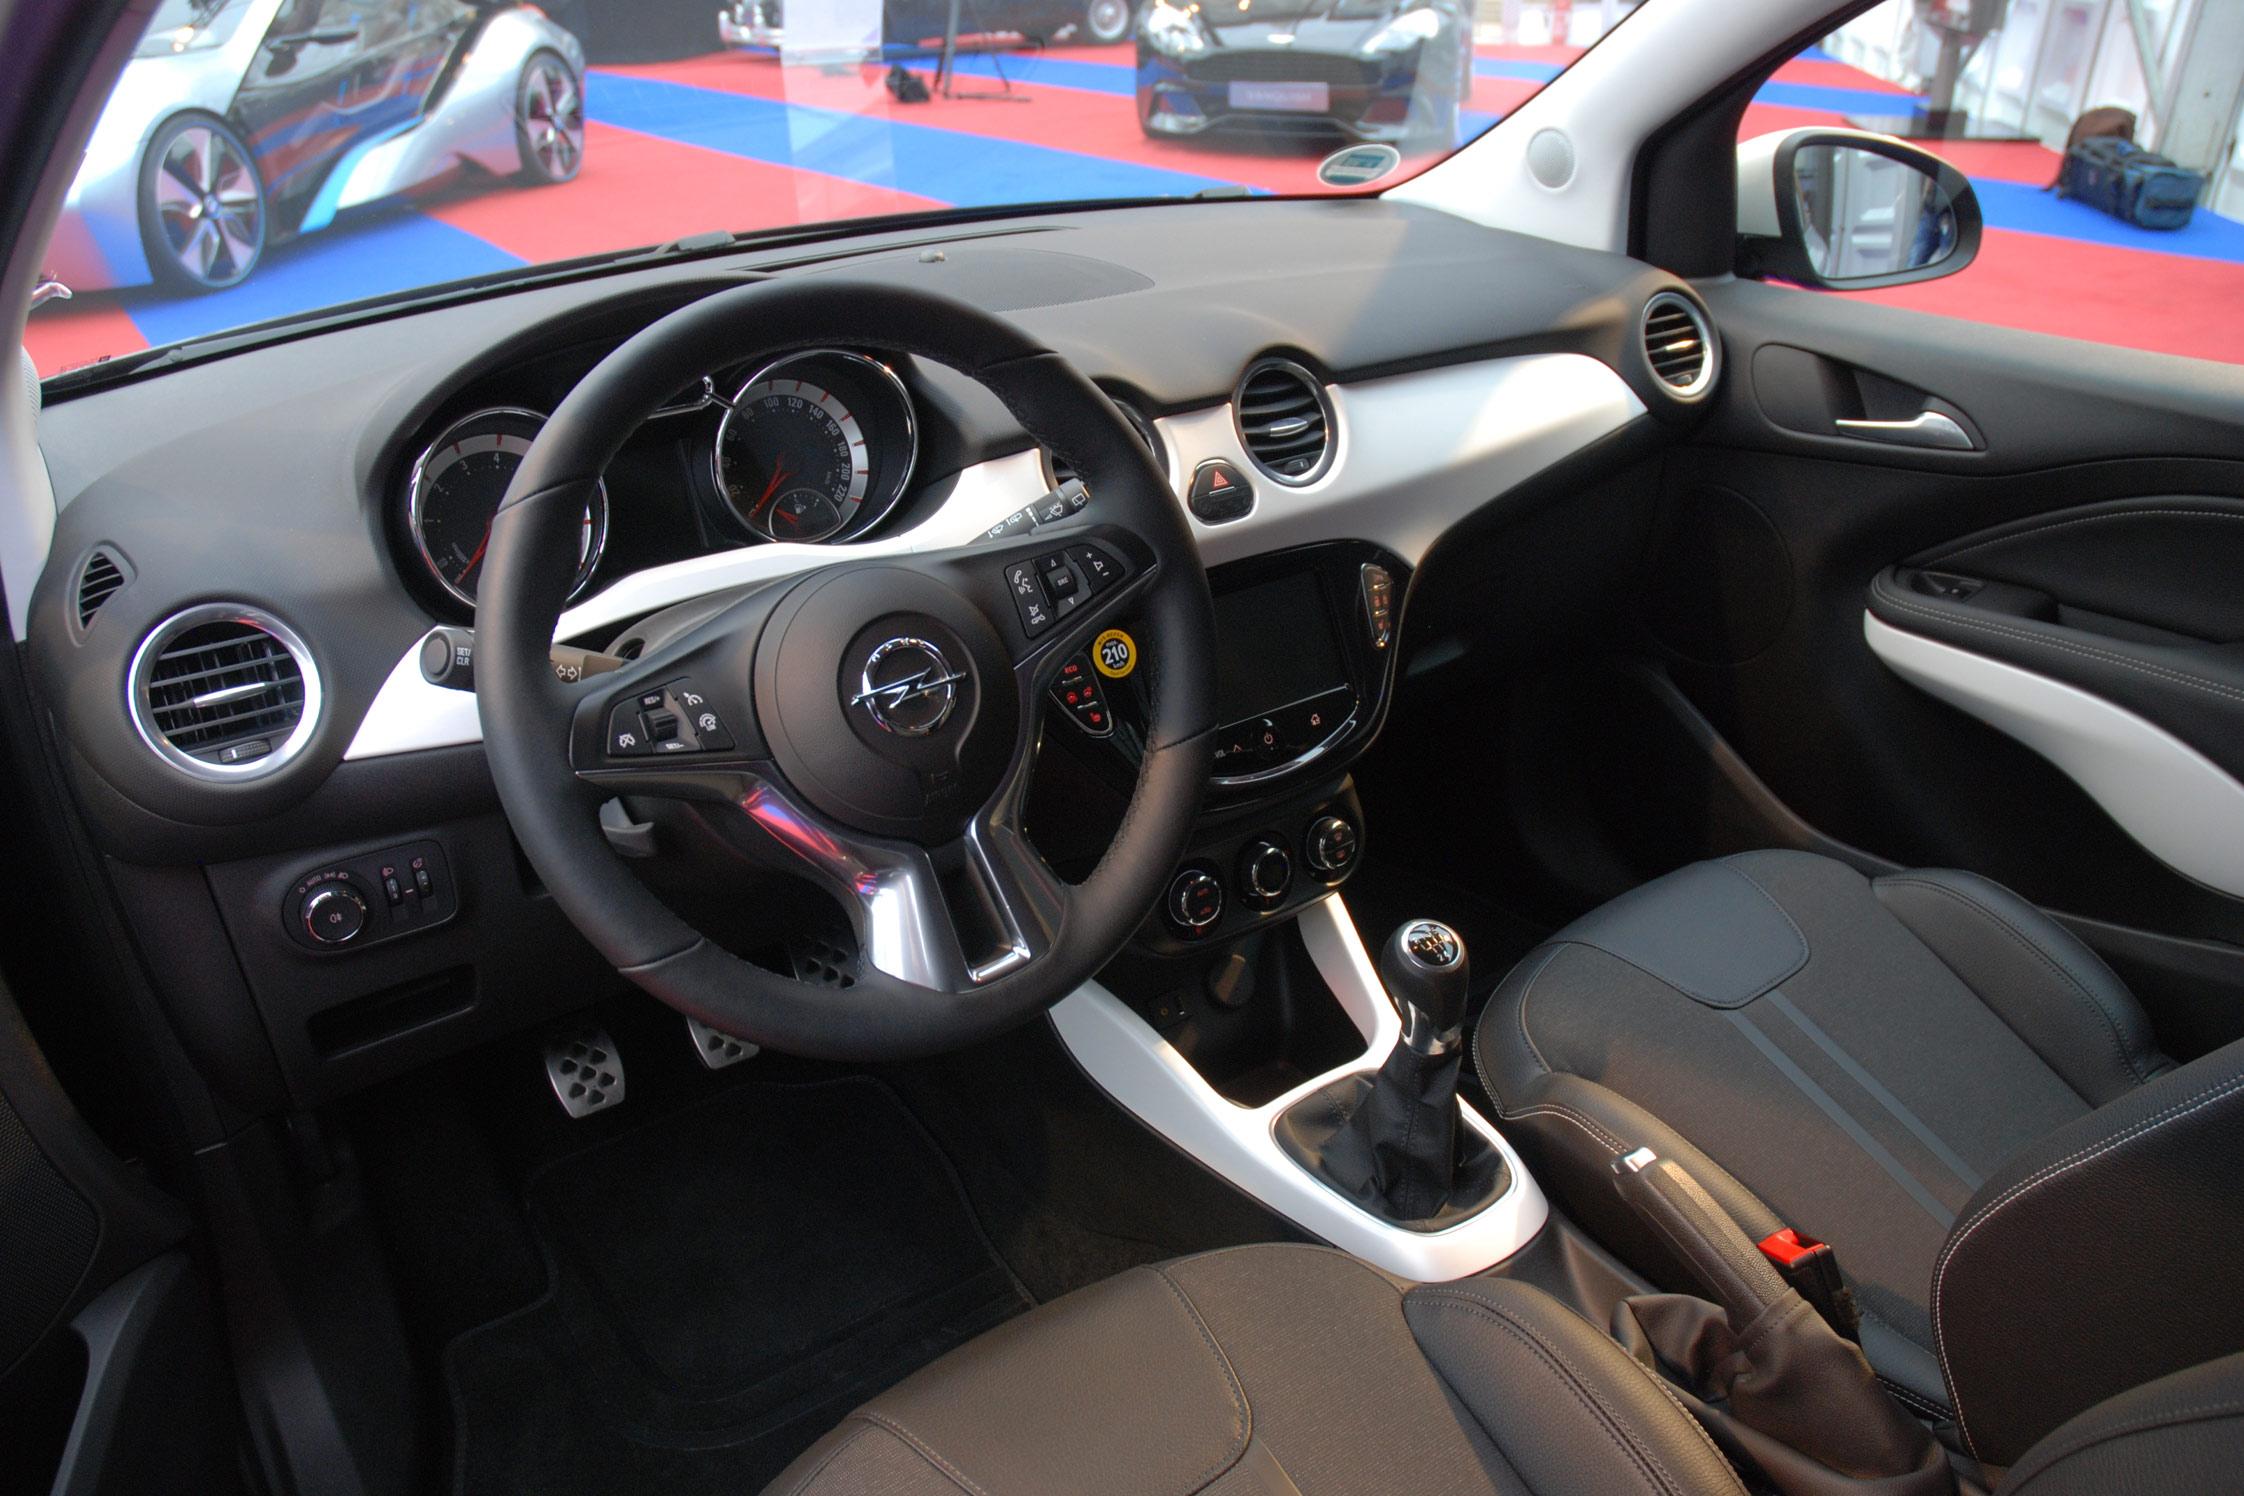 Grand prix du plus bel intérieur : Opel Adam - 28ème ...